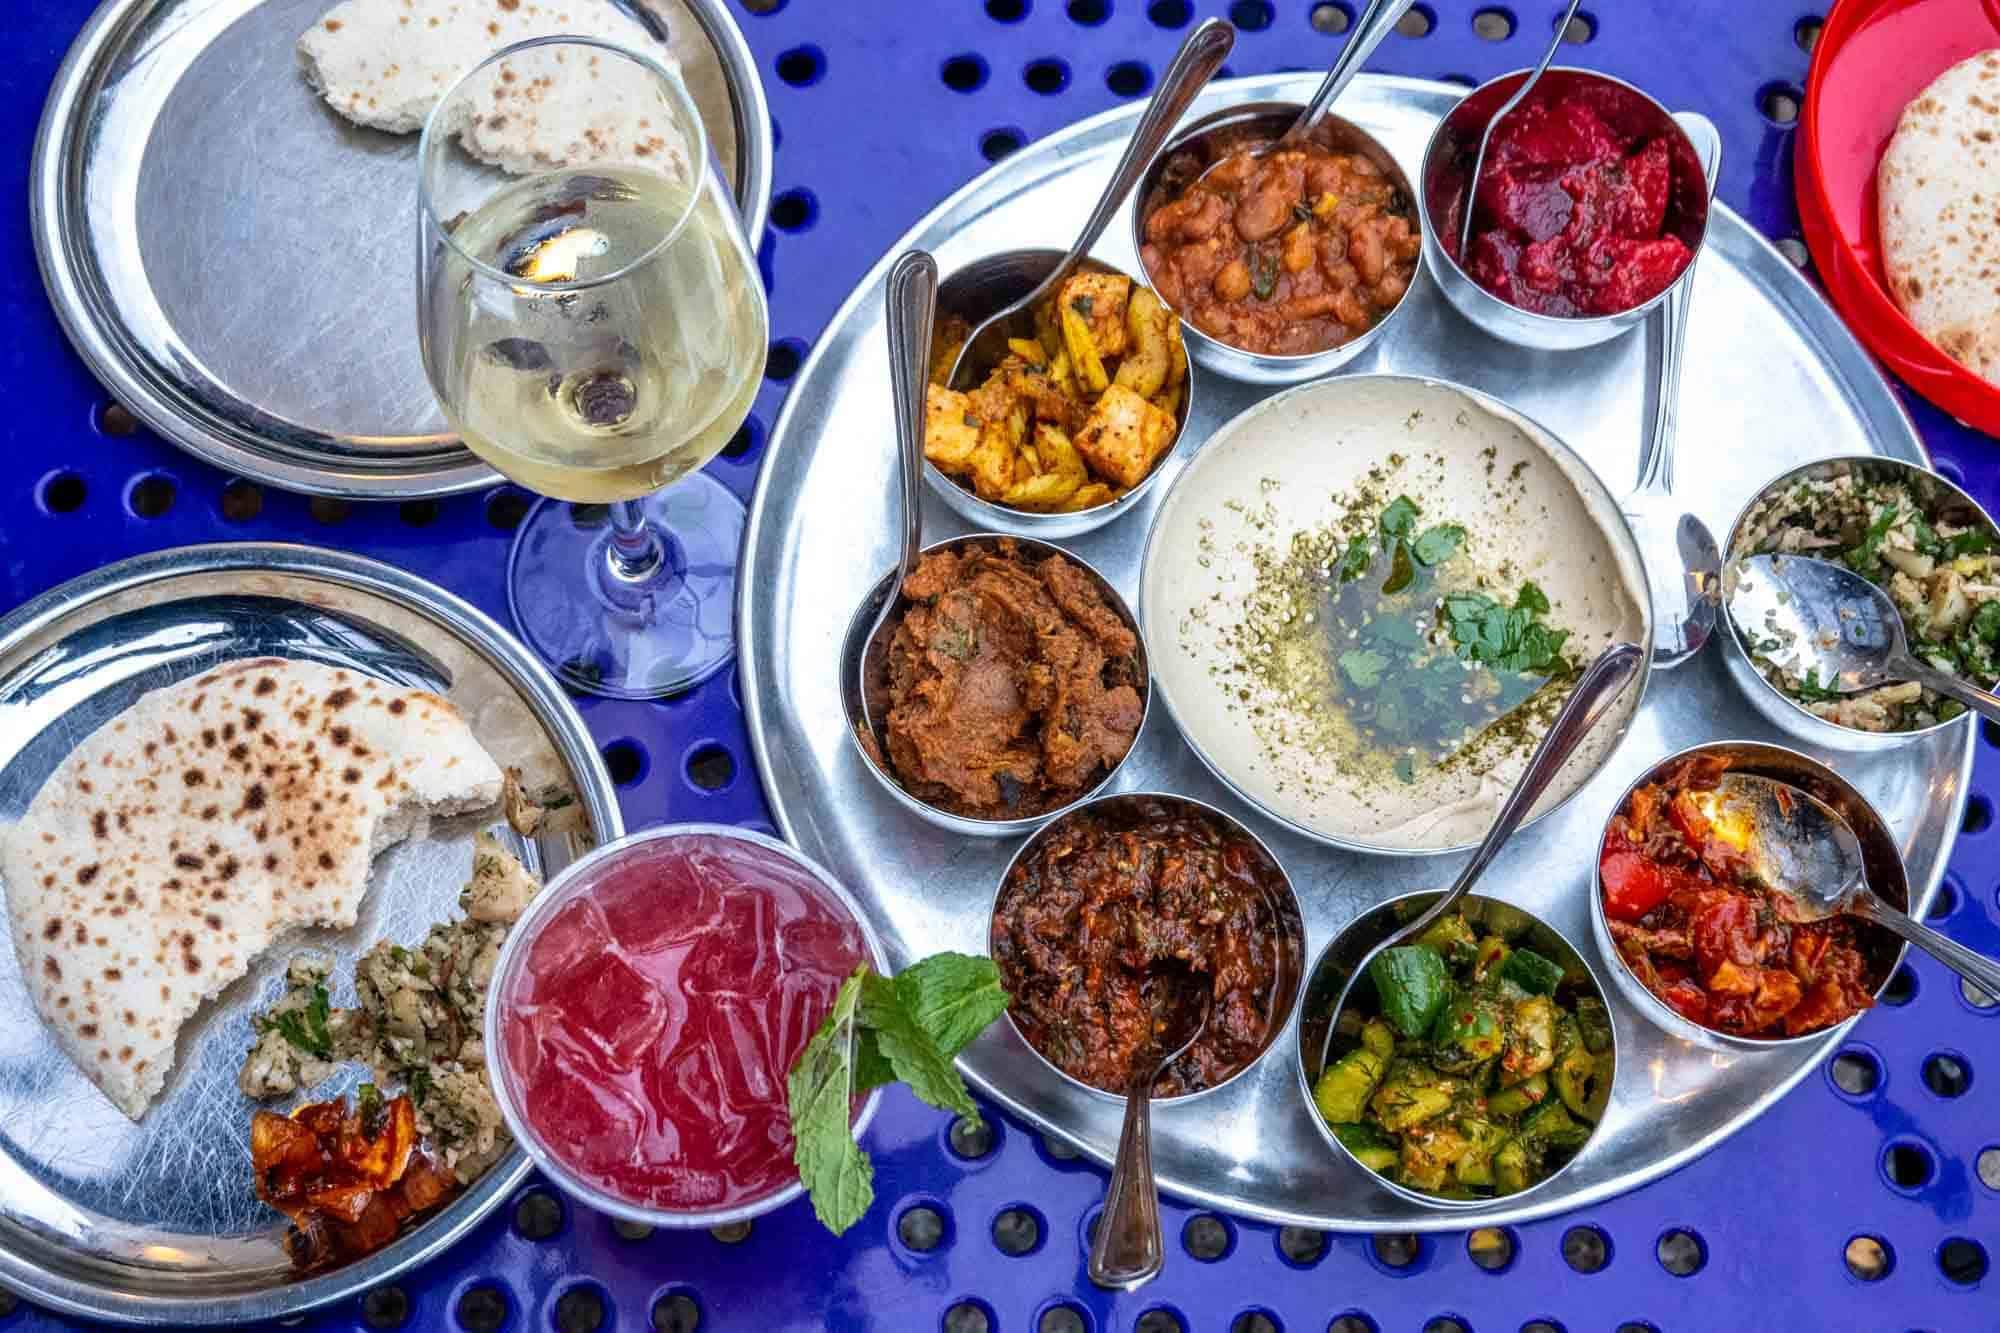 Salatim and cocktails on steel plates